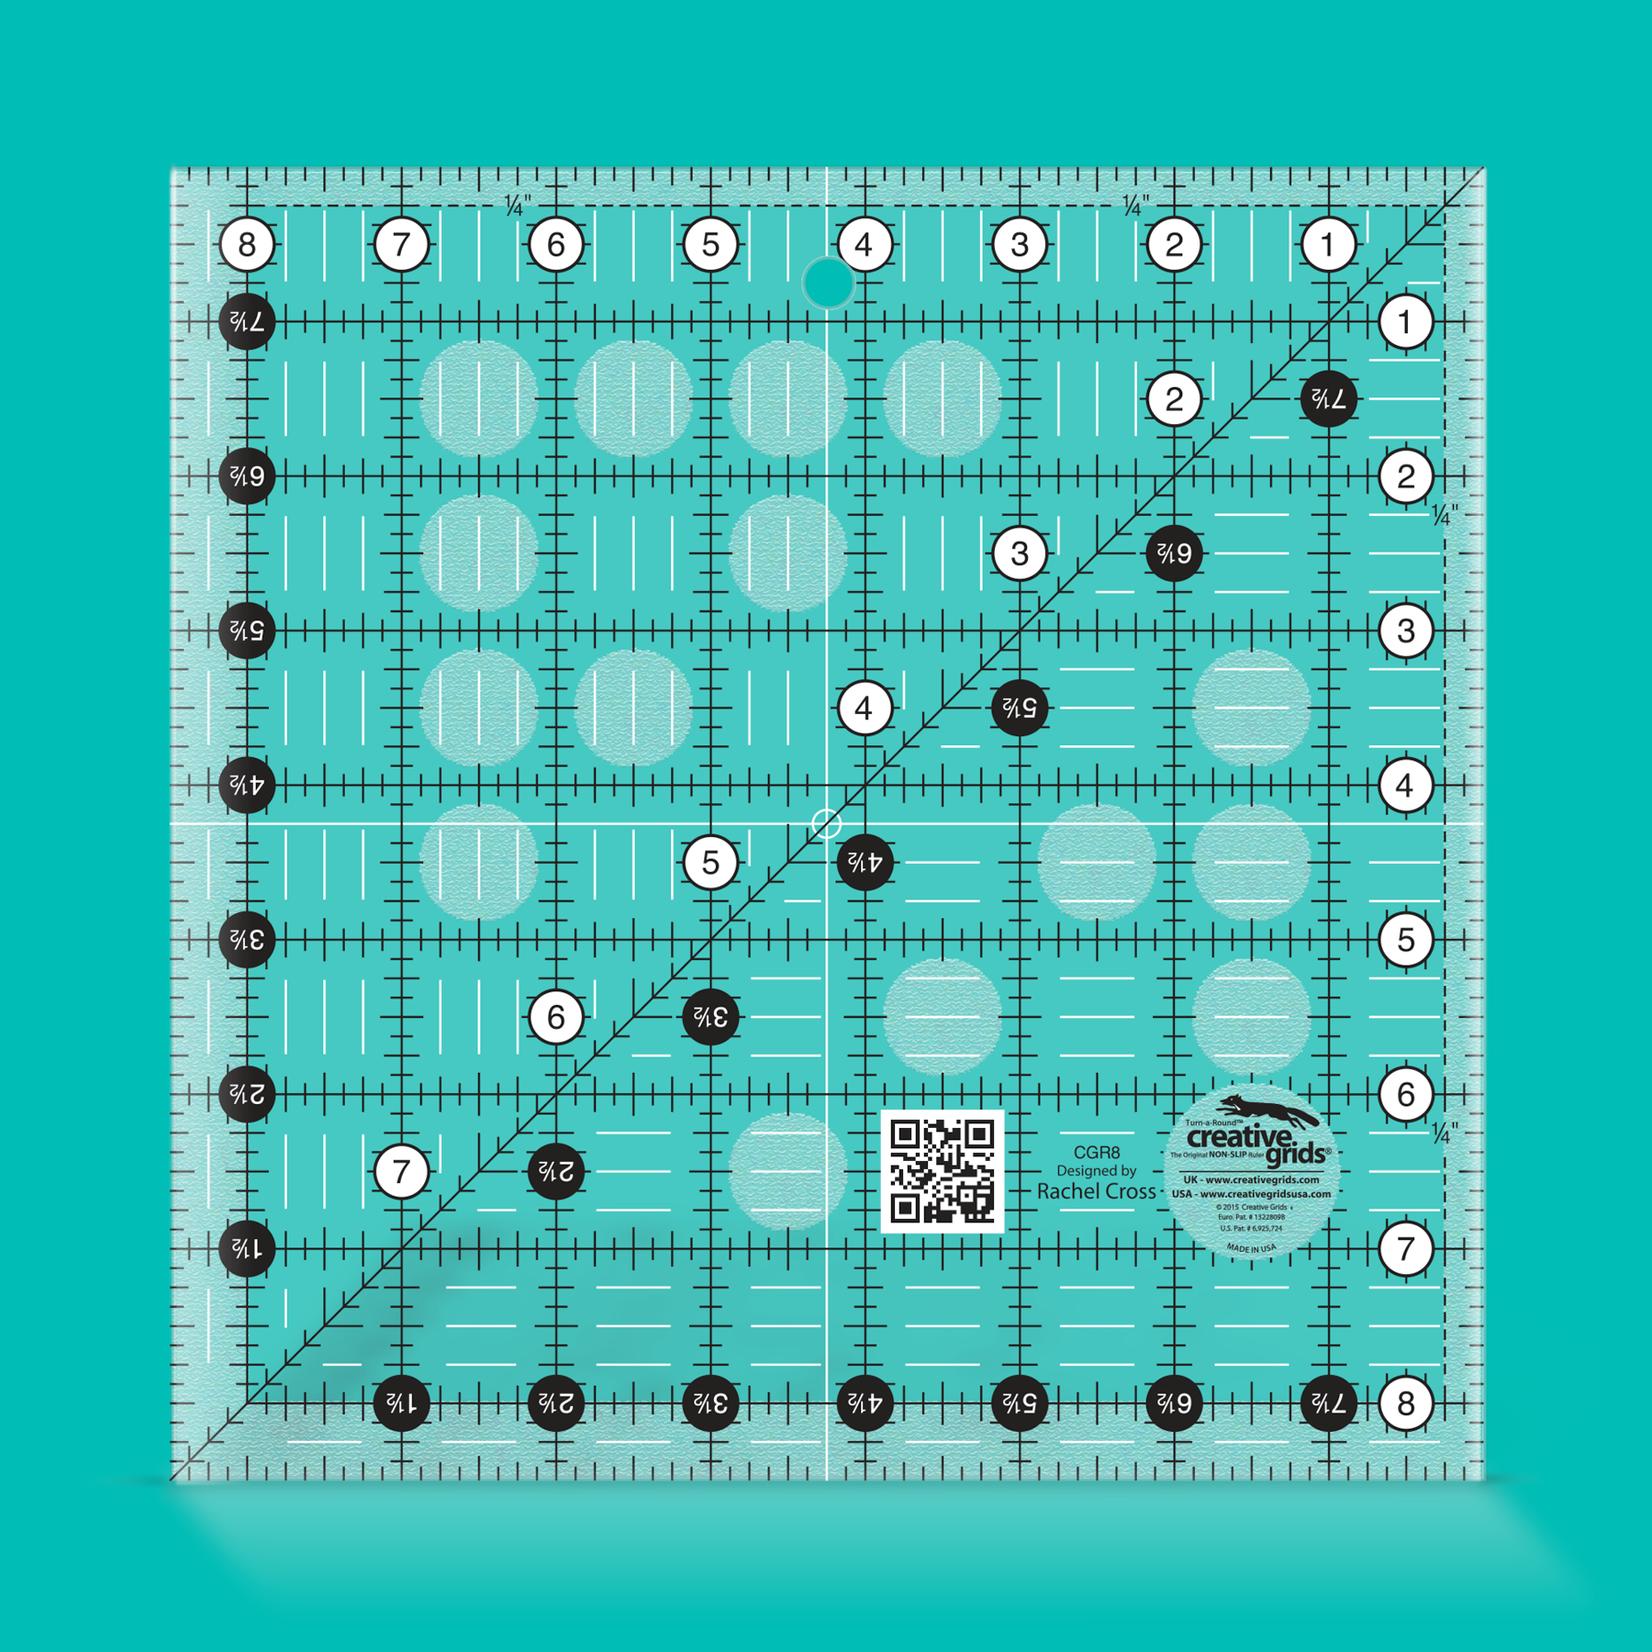 Creative Grids Creative Grids 8 1/2 x 8 1/2 Ruler